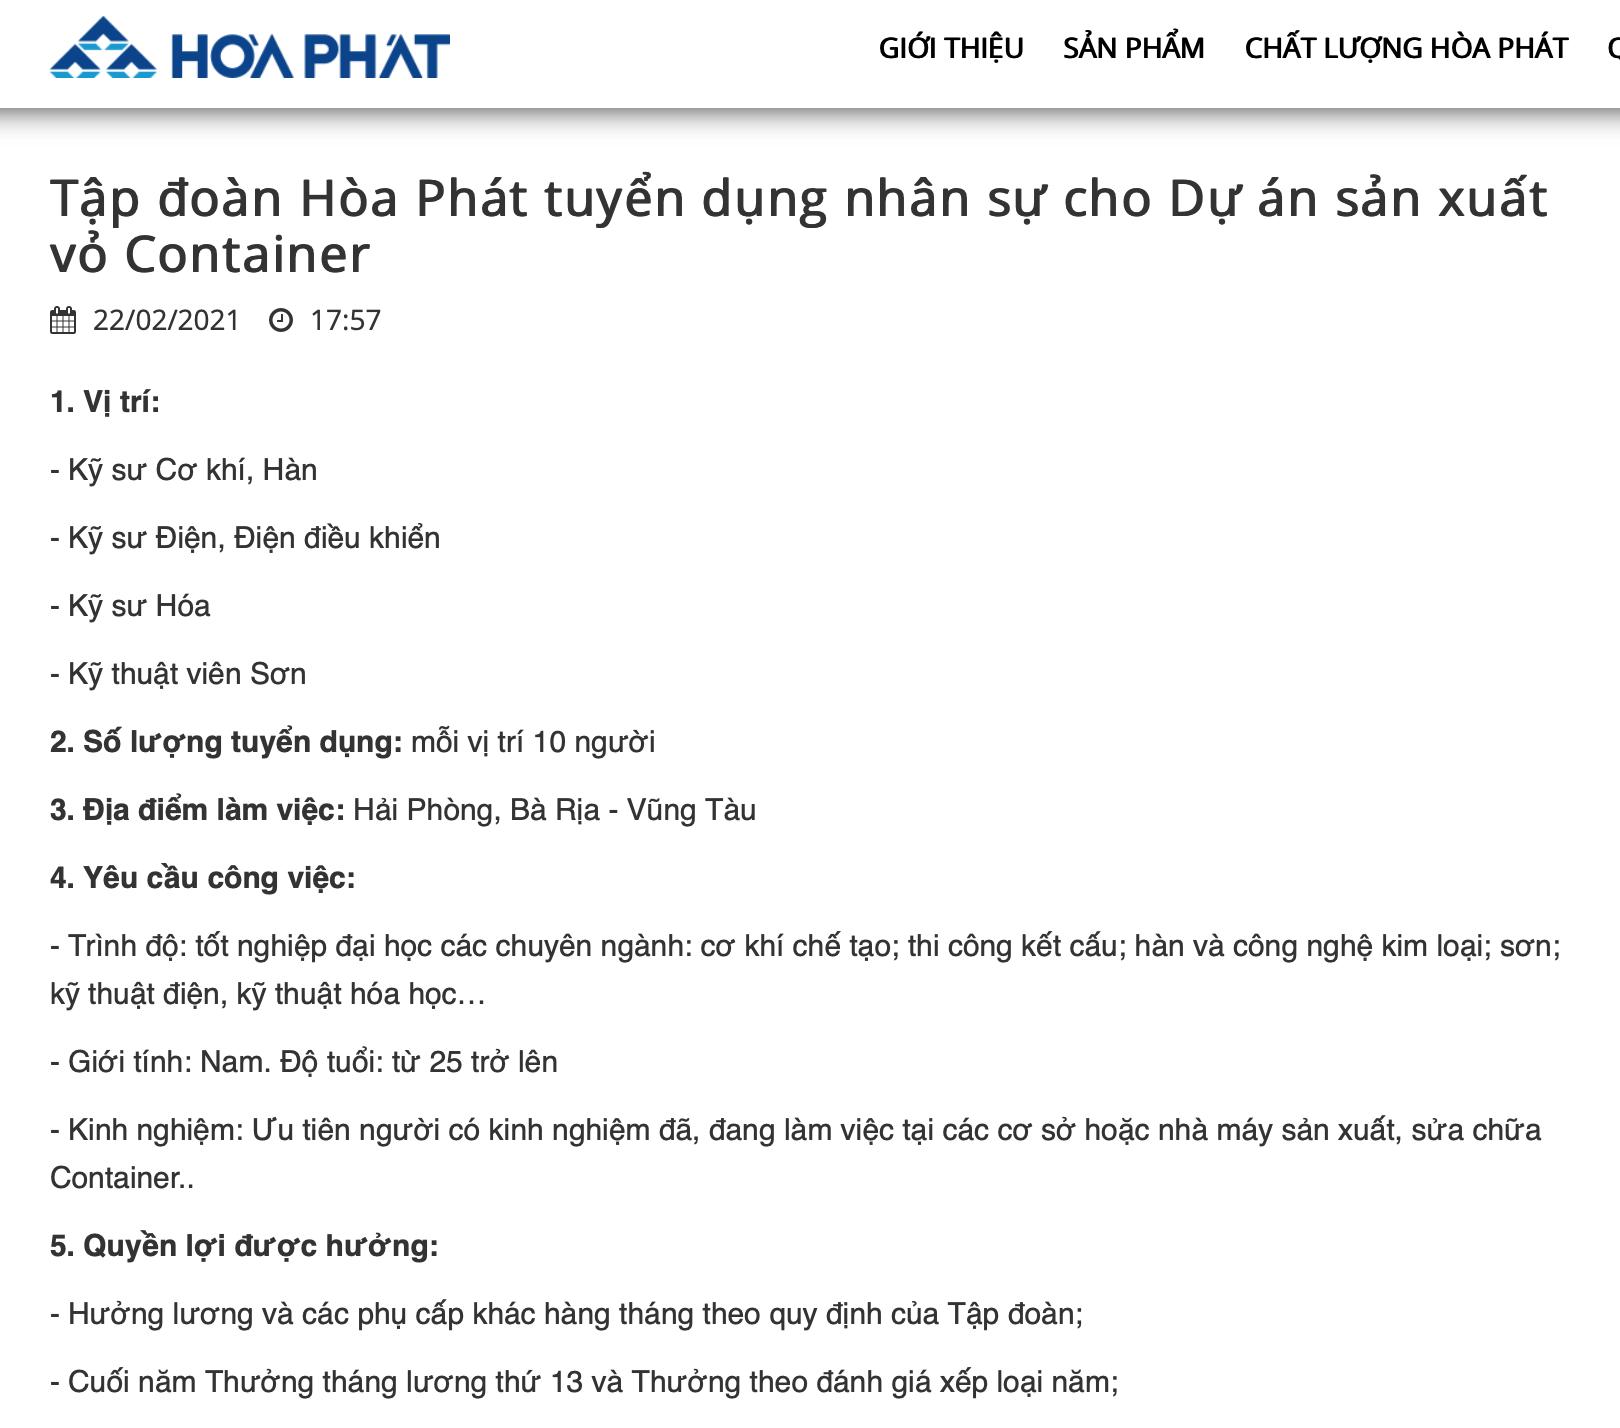 """Khan hiếm container rỗng, giá thuê tăng đột biến: Tỷ phú Trần Đình Long  """"nhảy vào"""" sản xuất container"""